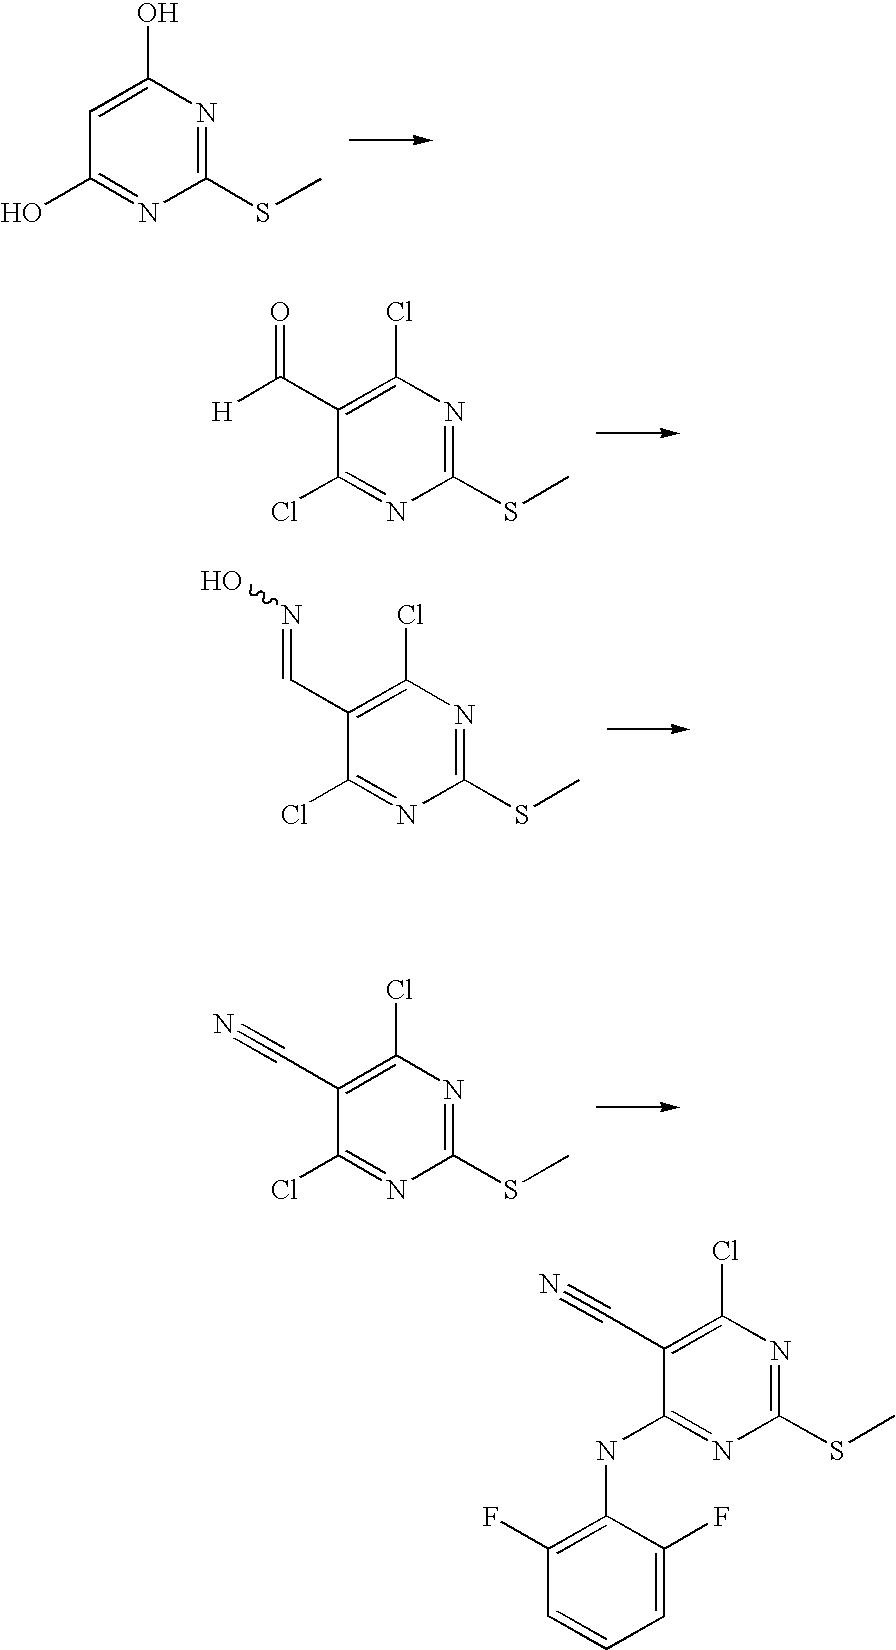 Figure US07479558-20090120-C00088